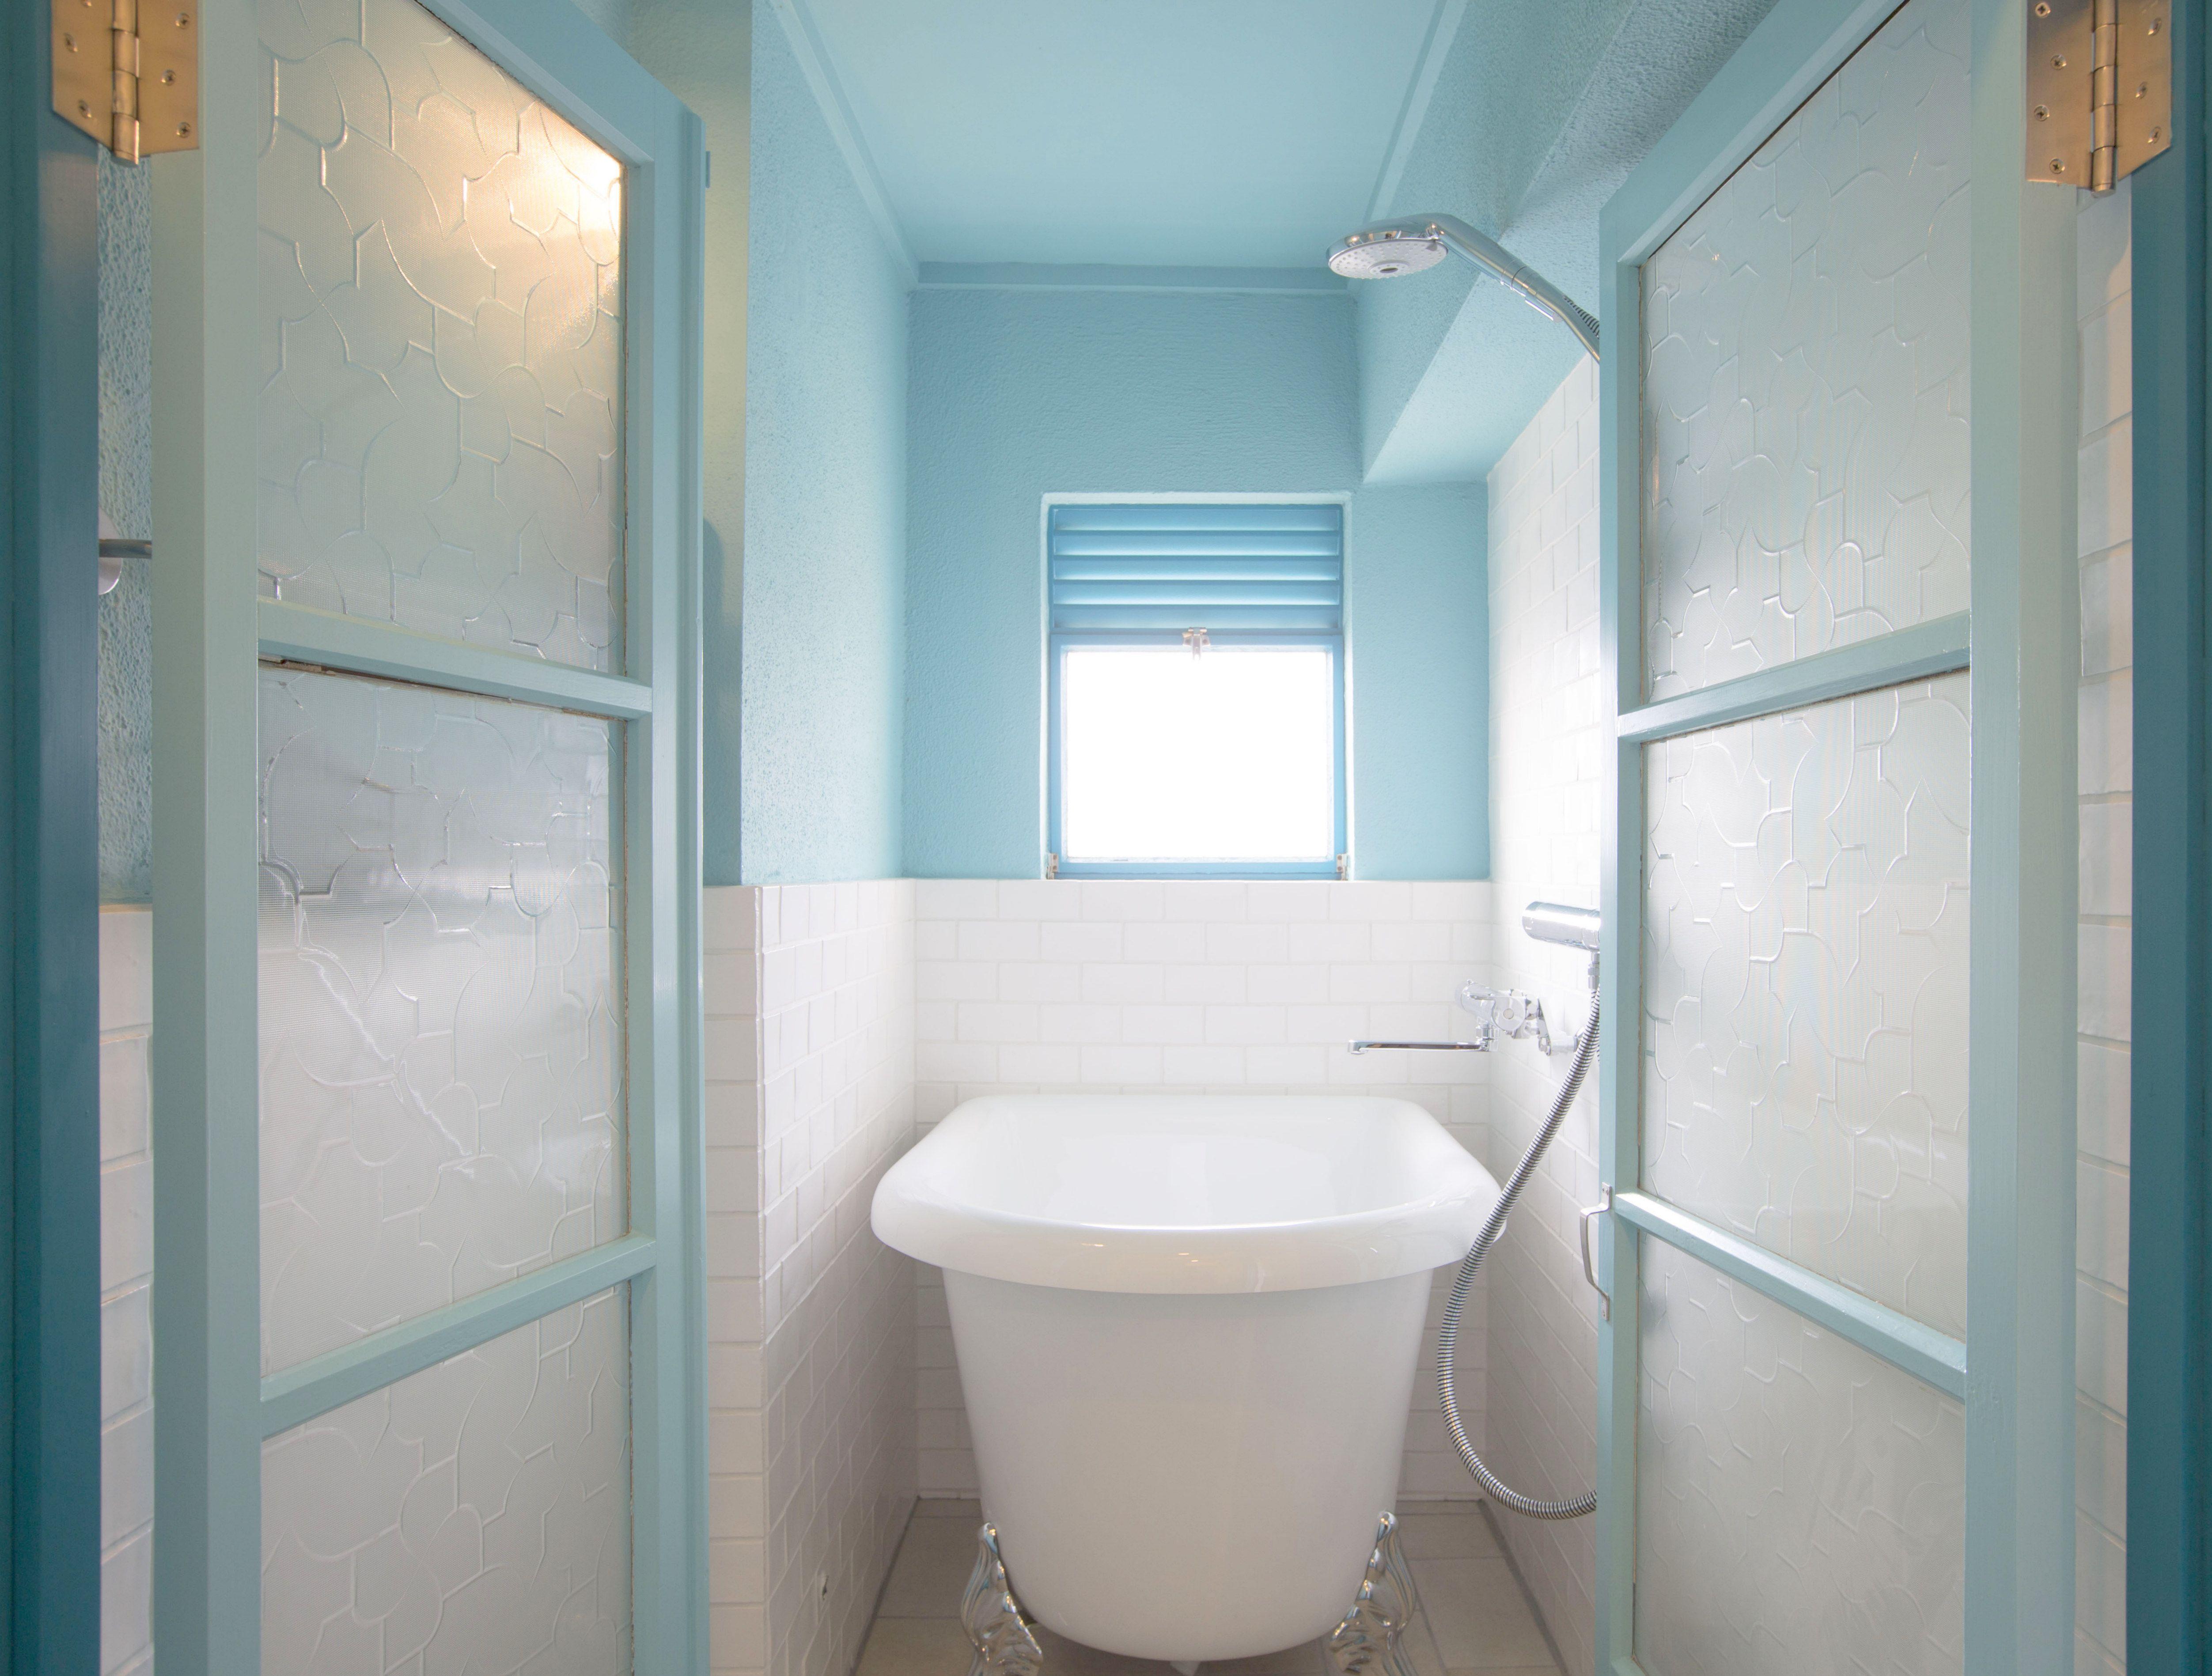 コチラは海外のお風呂場です と言いたいぐらい素敵なお風呂です 日本